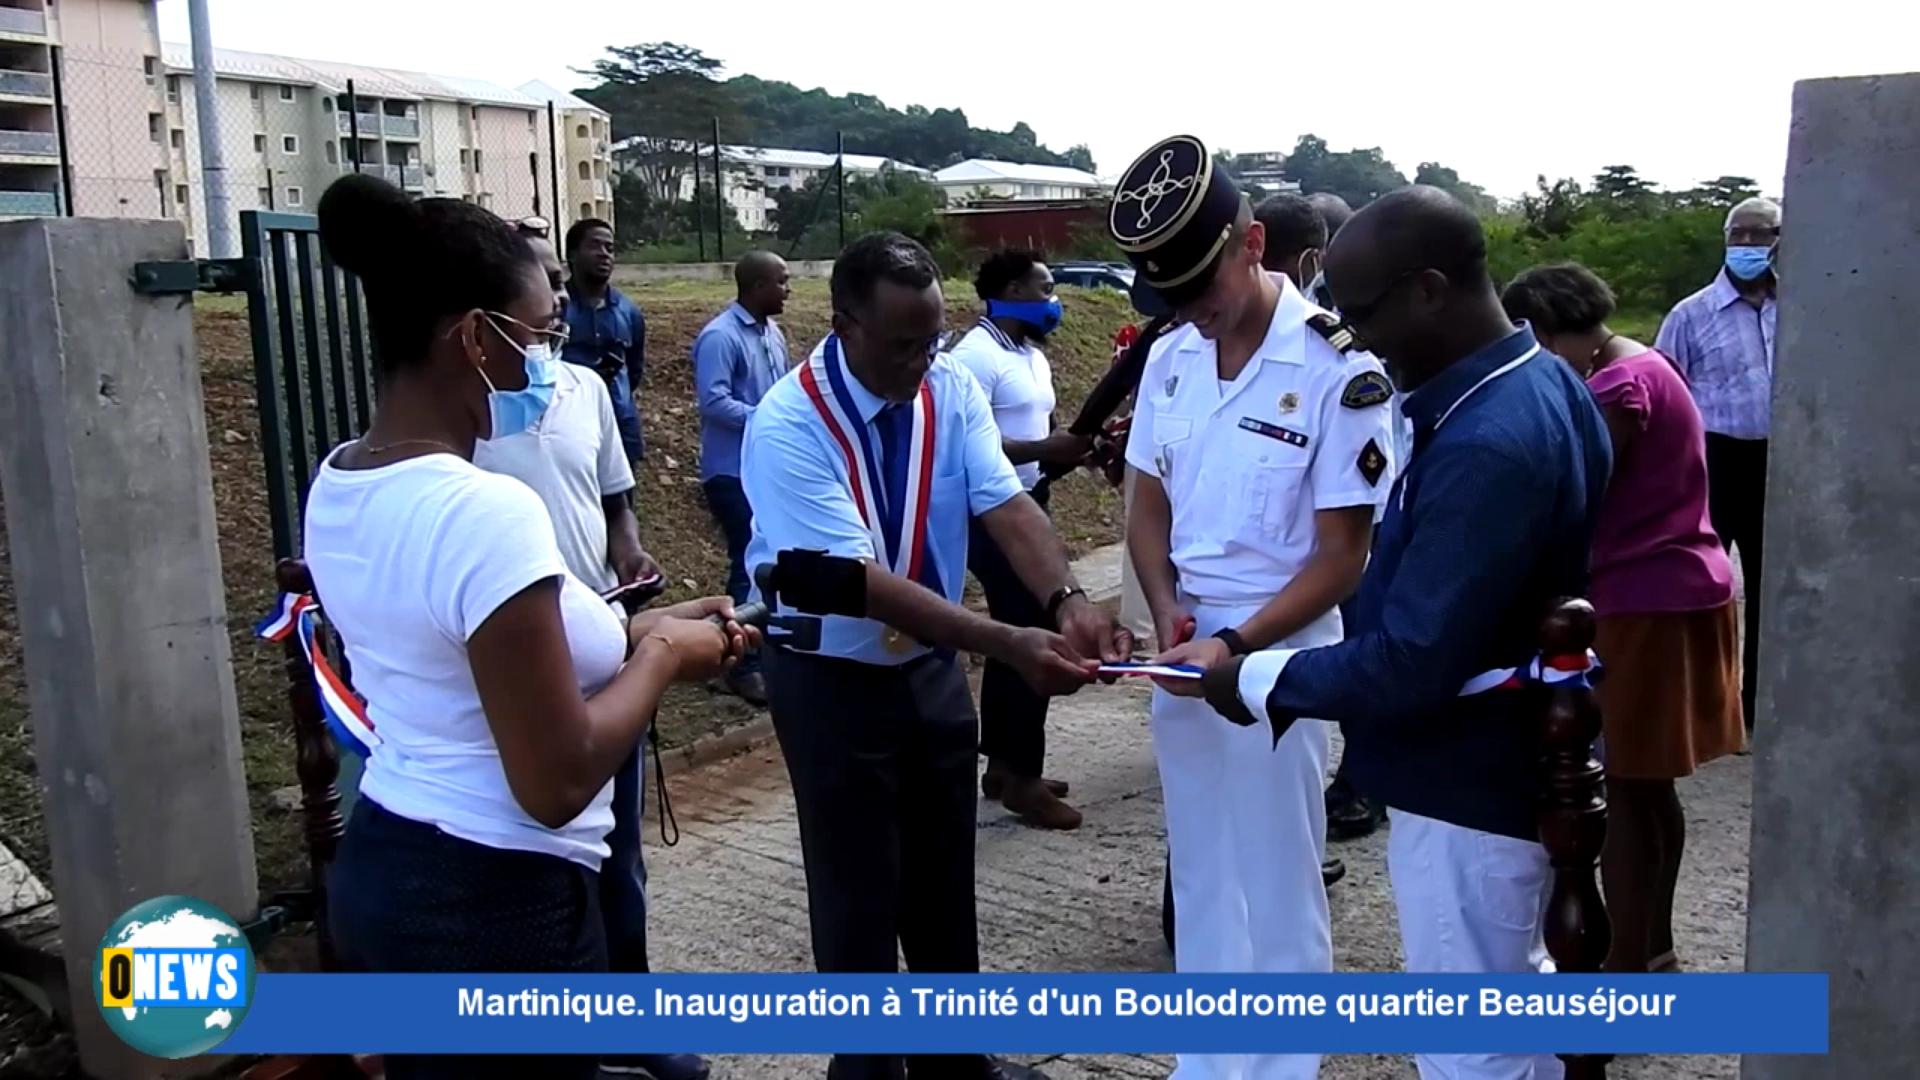 [Vidéo] Onews Martinique. Inauguration à Trinité d'un Boulodrome quartier Beauséjour